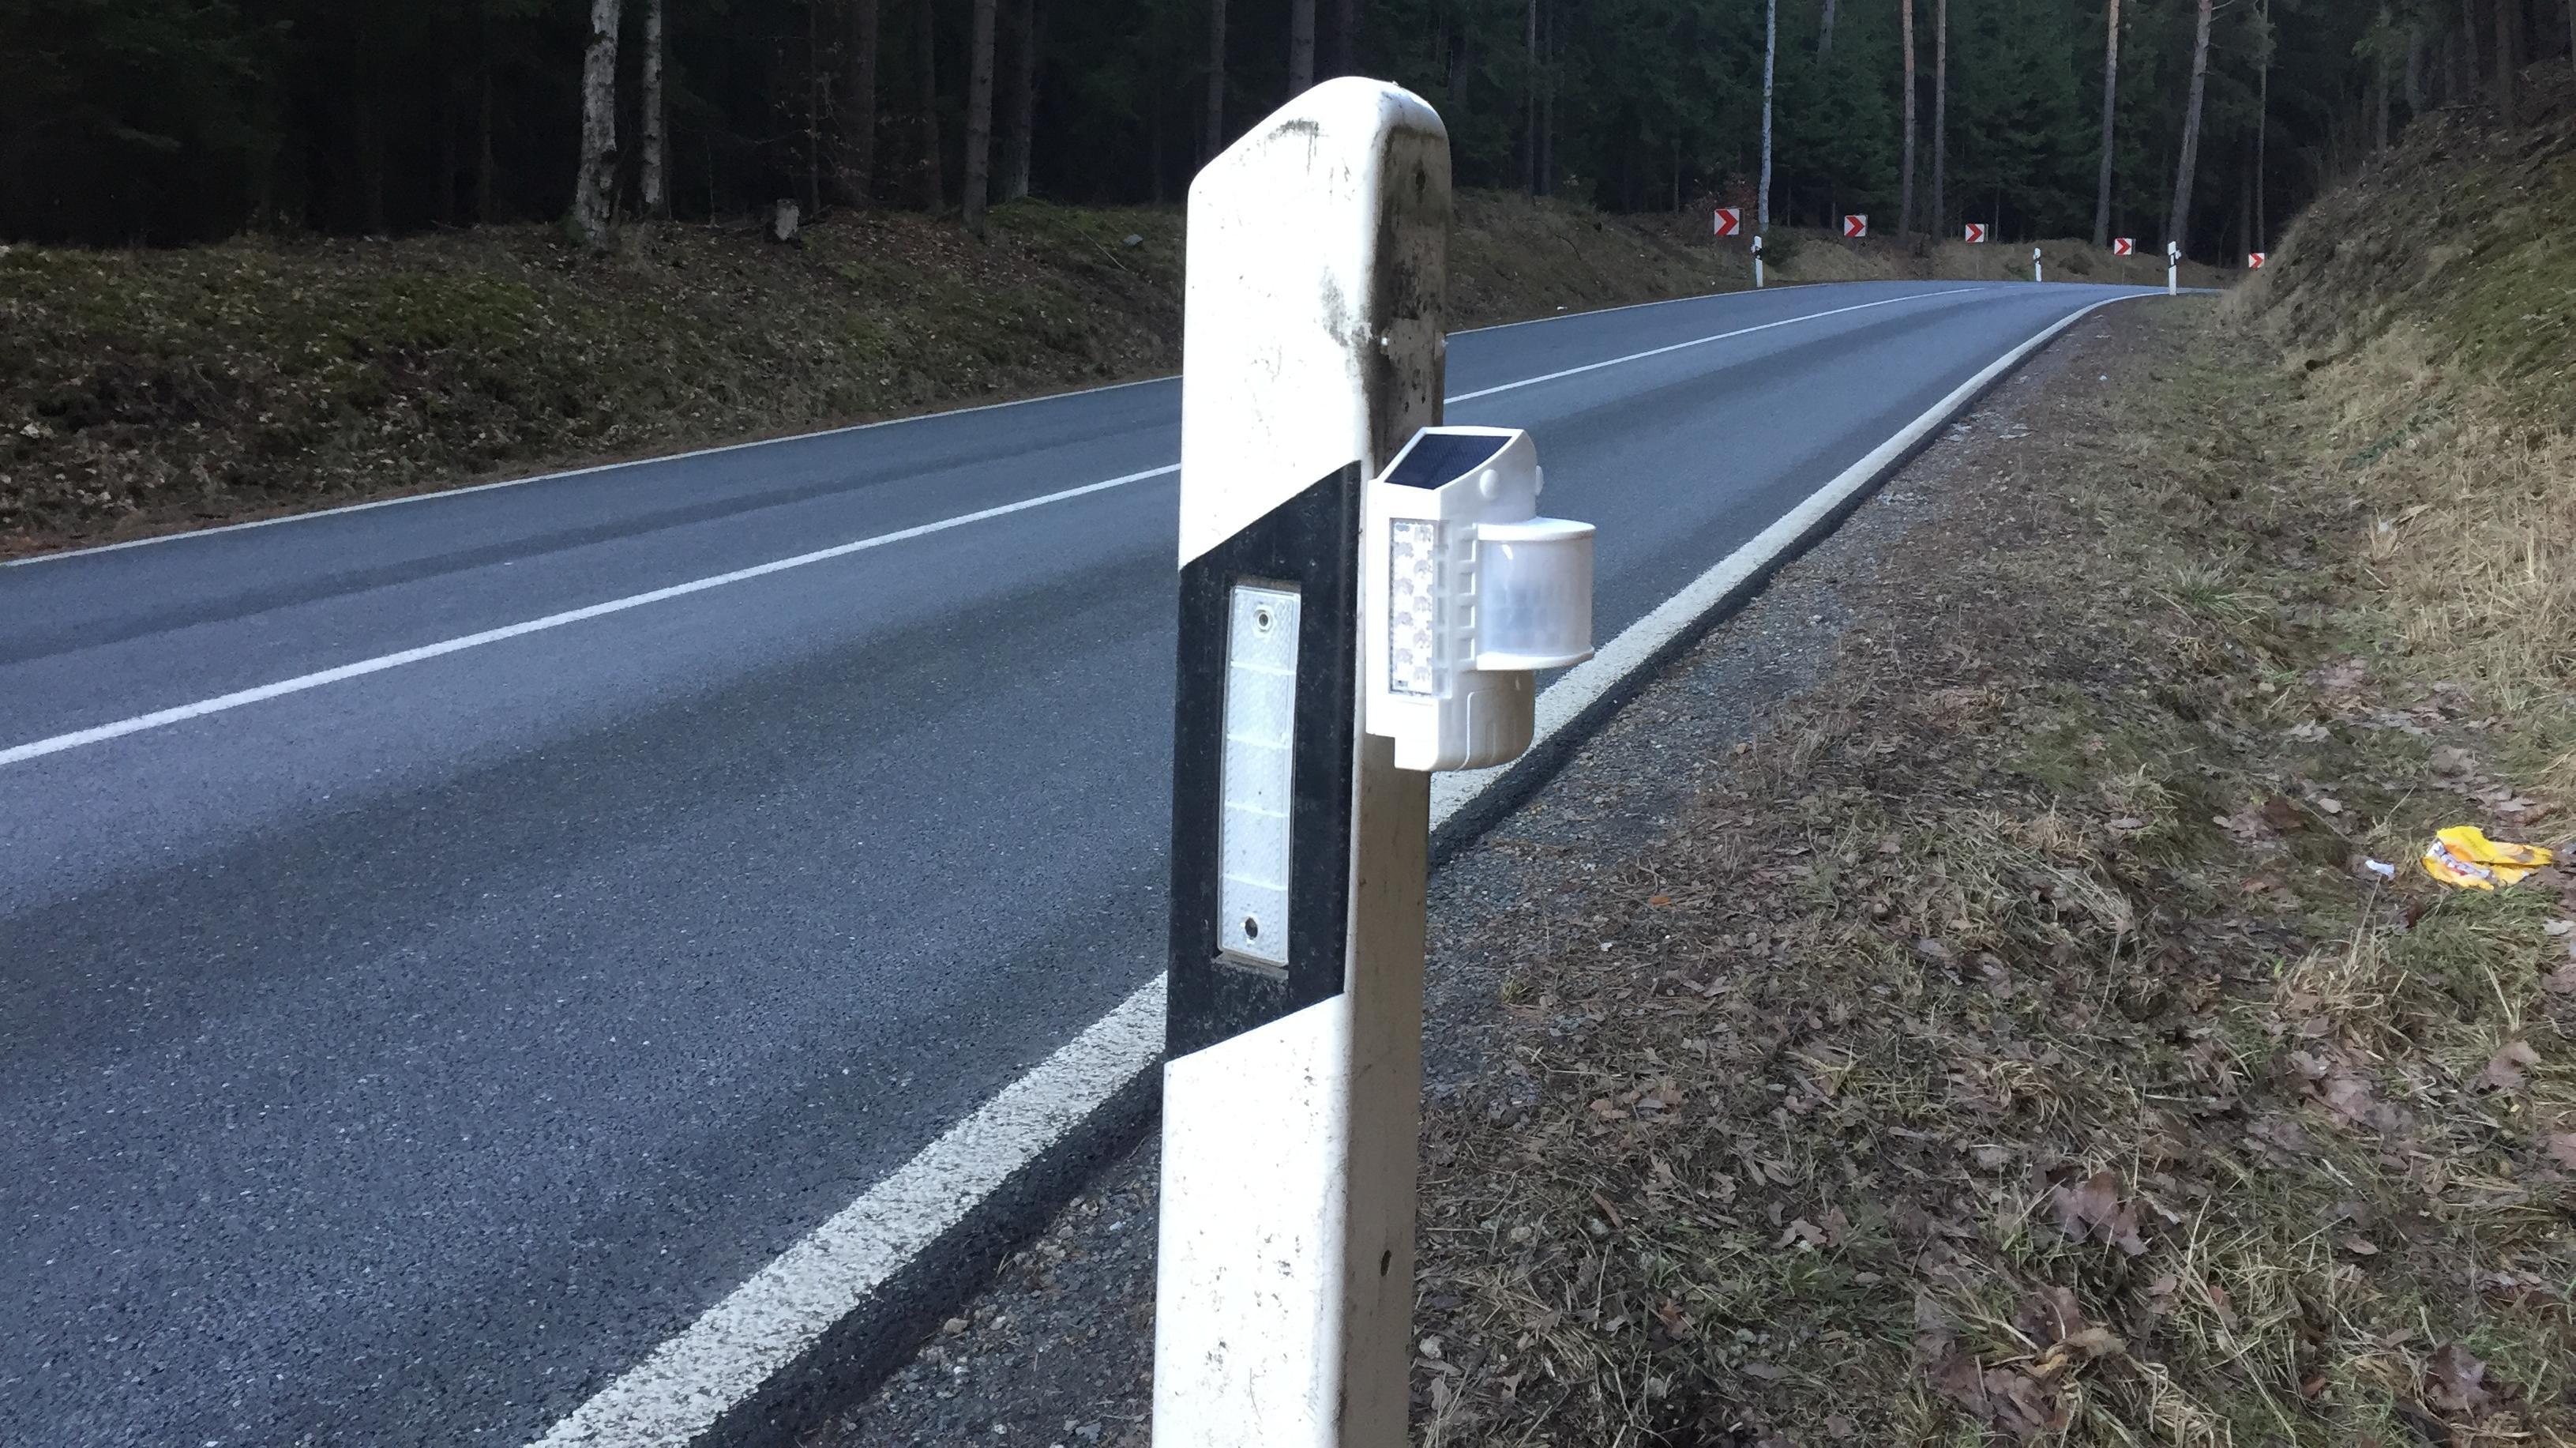 Ein Straßenpfosten mit einem neuen Wildwarnsystem an einer Straße im Landkreis Wunsiedel.